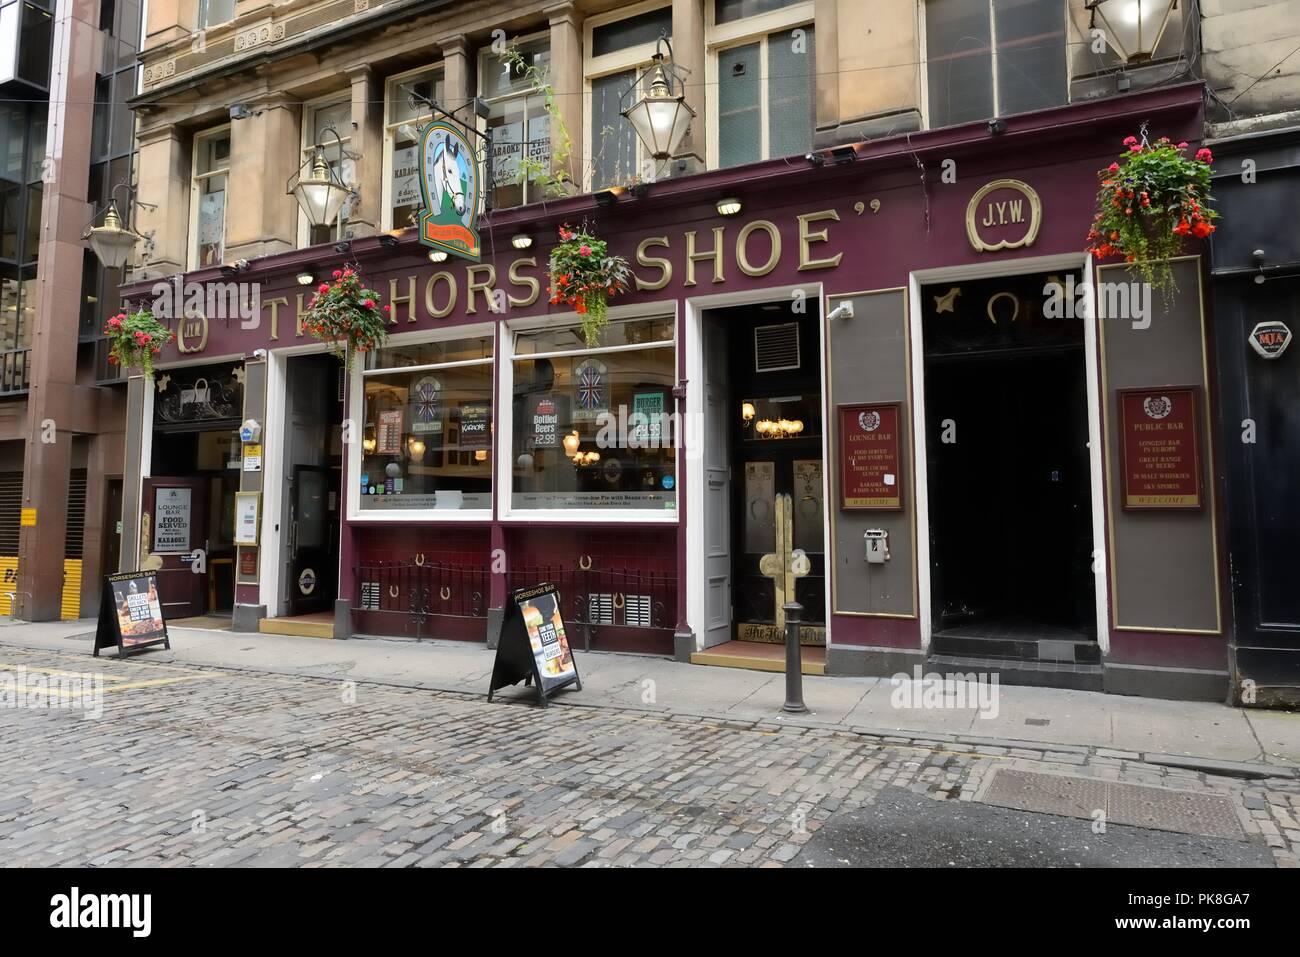 Le célèbre bar à cheval dans le Drury Street depuis 1884, Ecosse, Royaume-Uni Banque D'Images